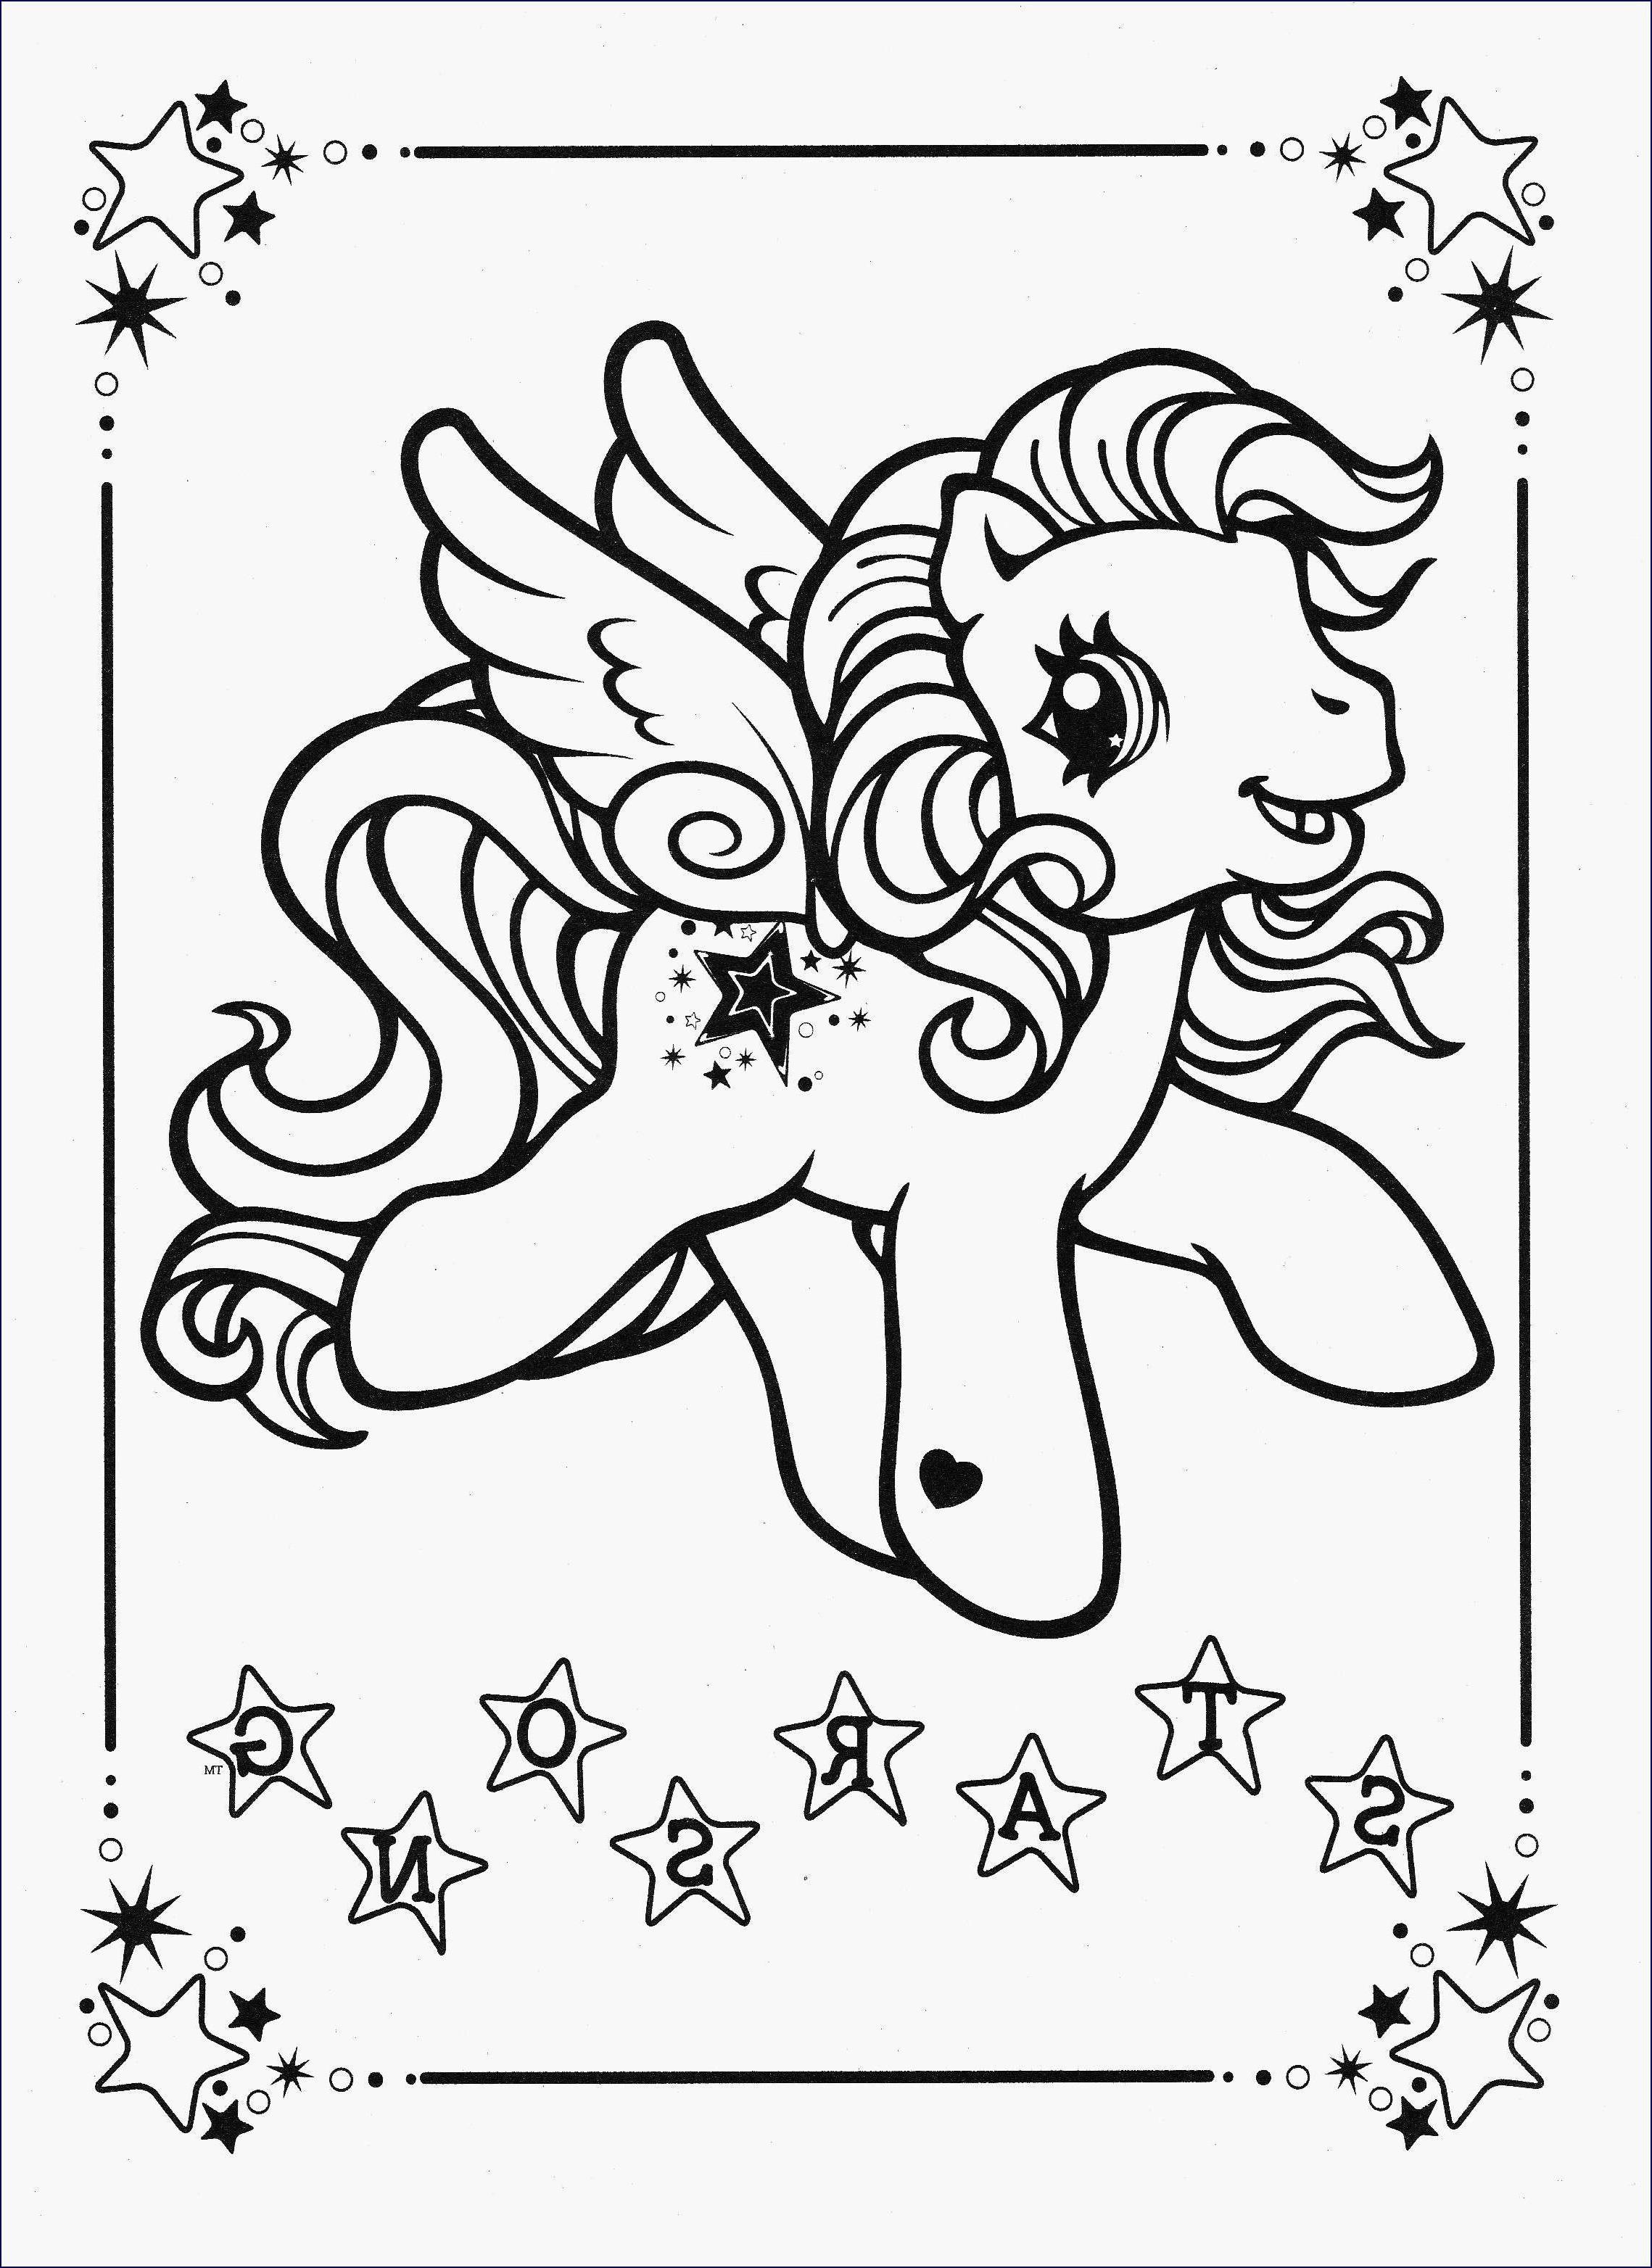 Ausmalbilder My Little Pony Rainbow Dash Frisch 32 Fantastisch Ausmalbilder My Little Pony – Malvorlagen Ideen Fotos